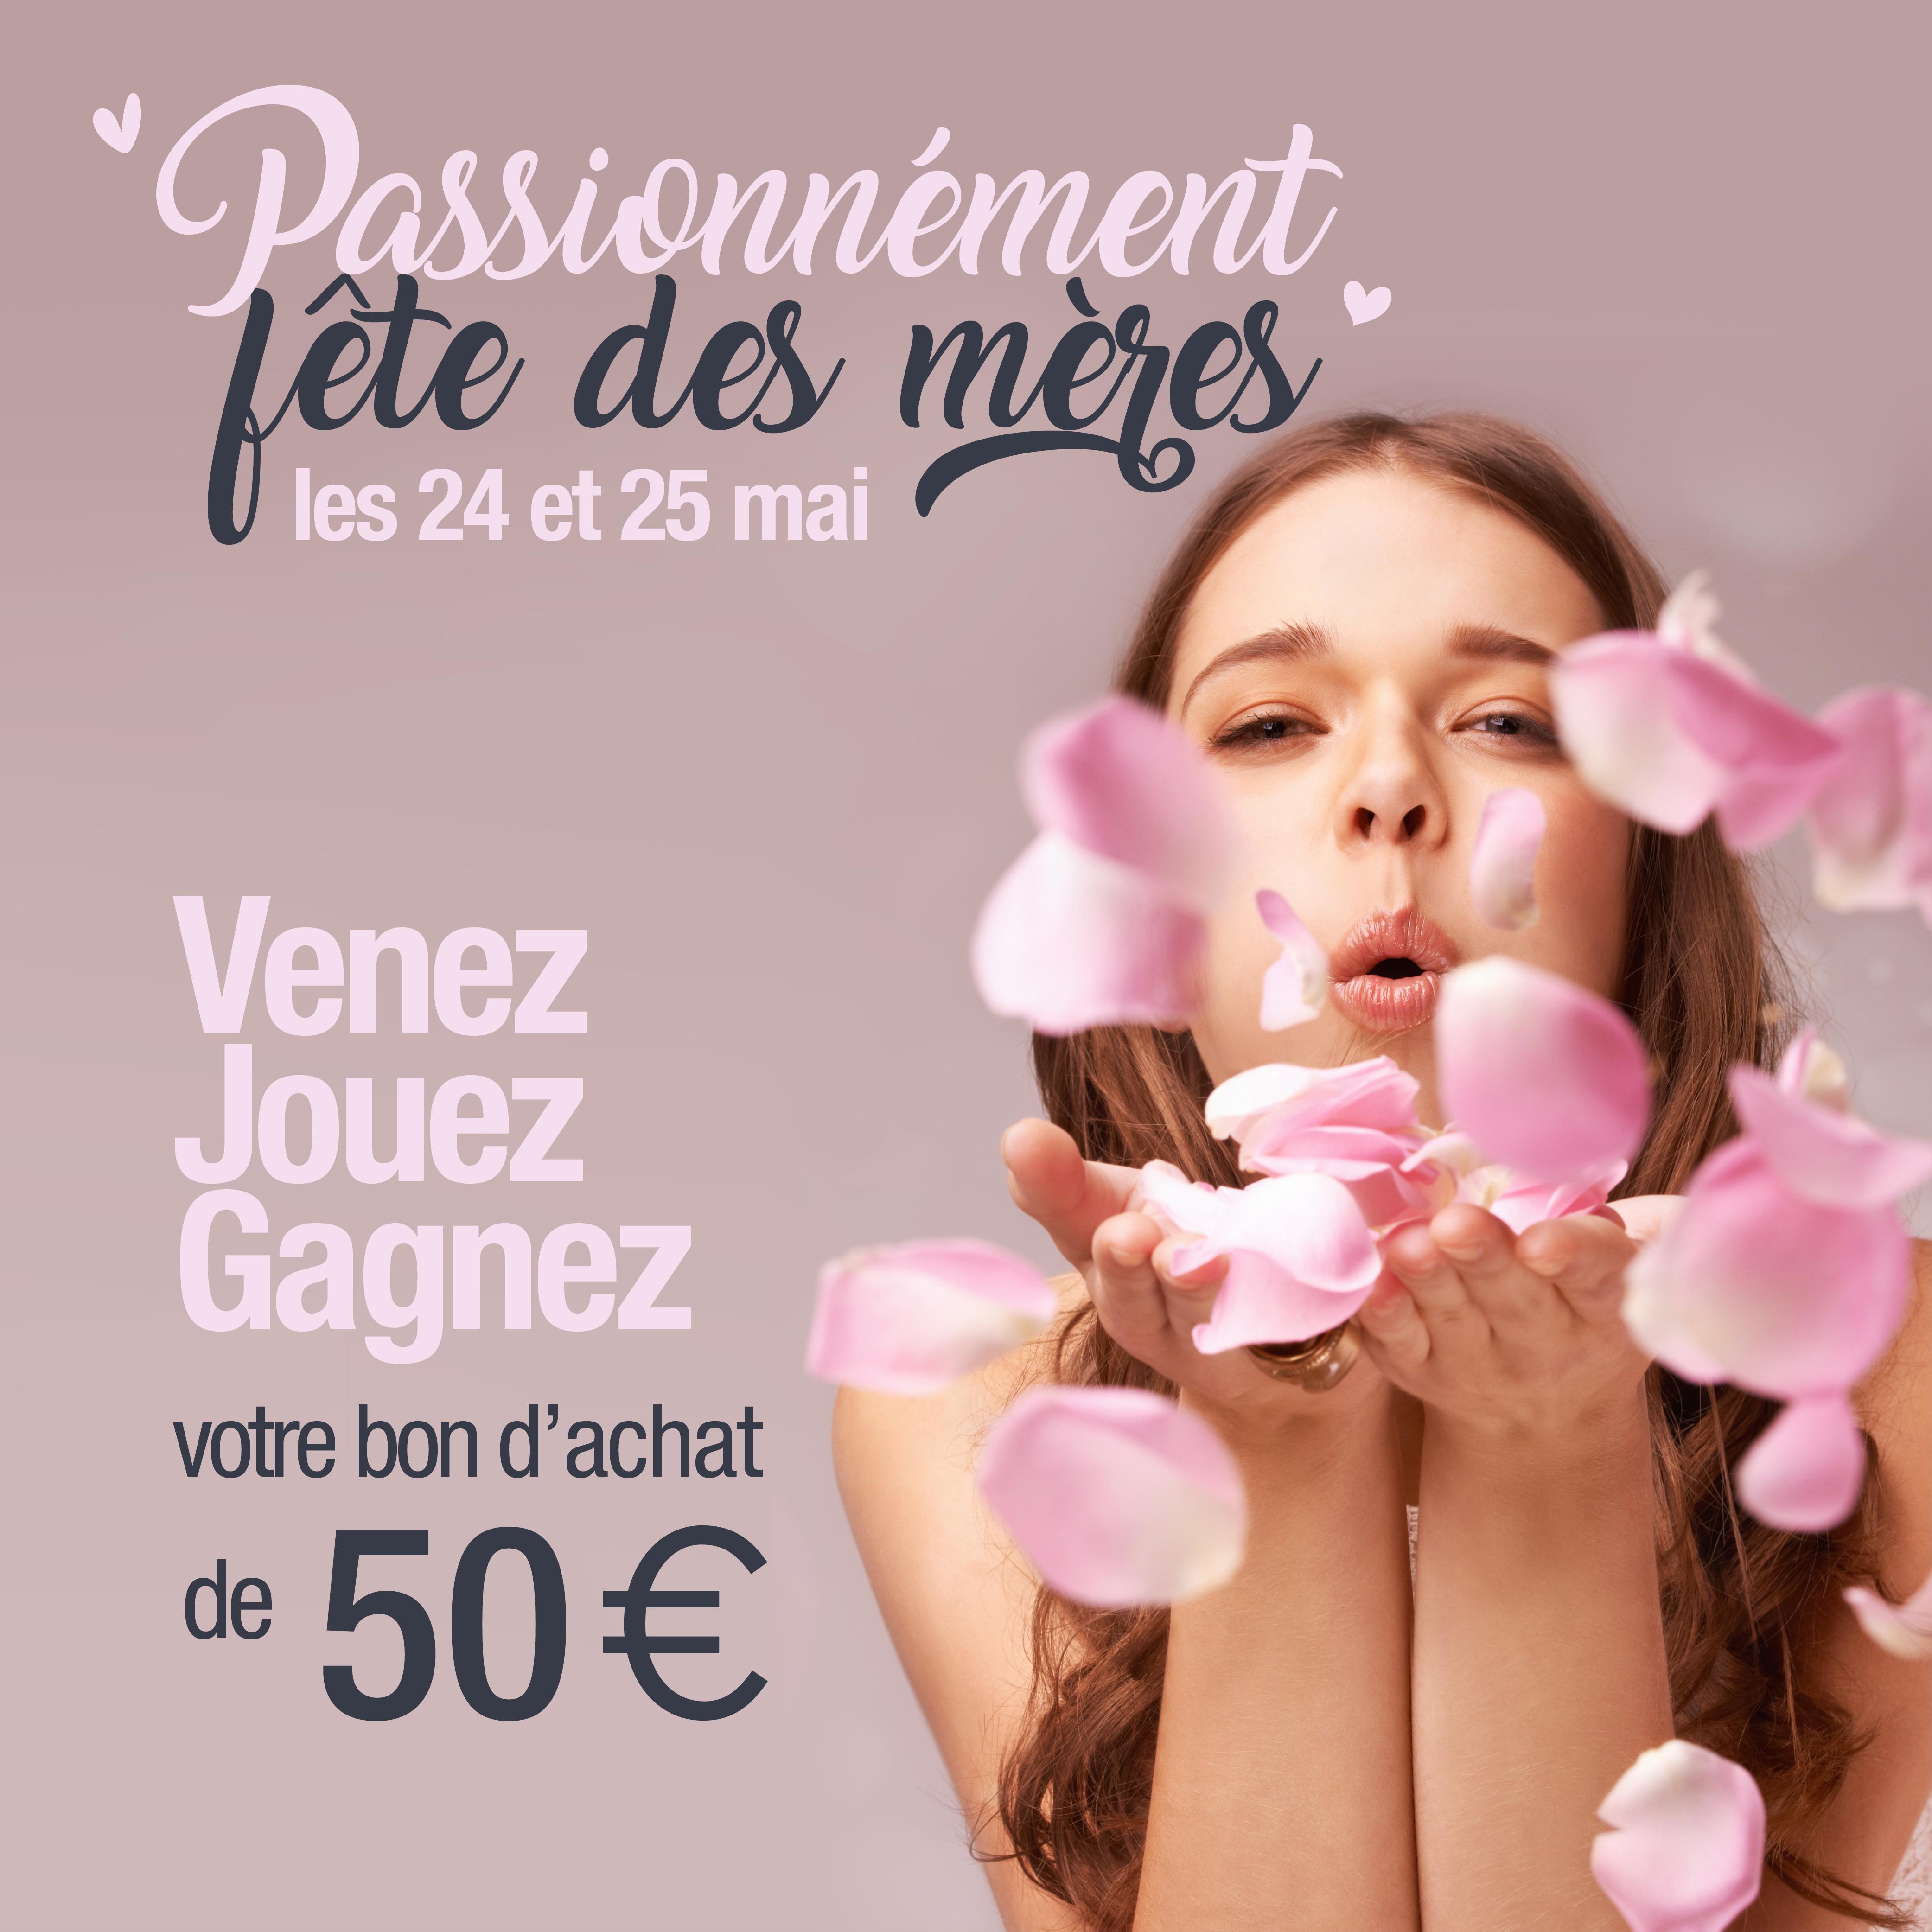 Fêtes Des Mères Galerie Saint-Médard